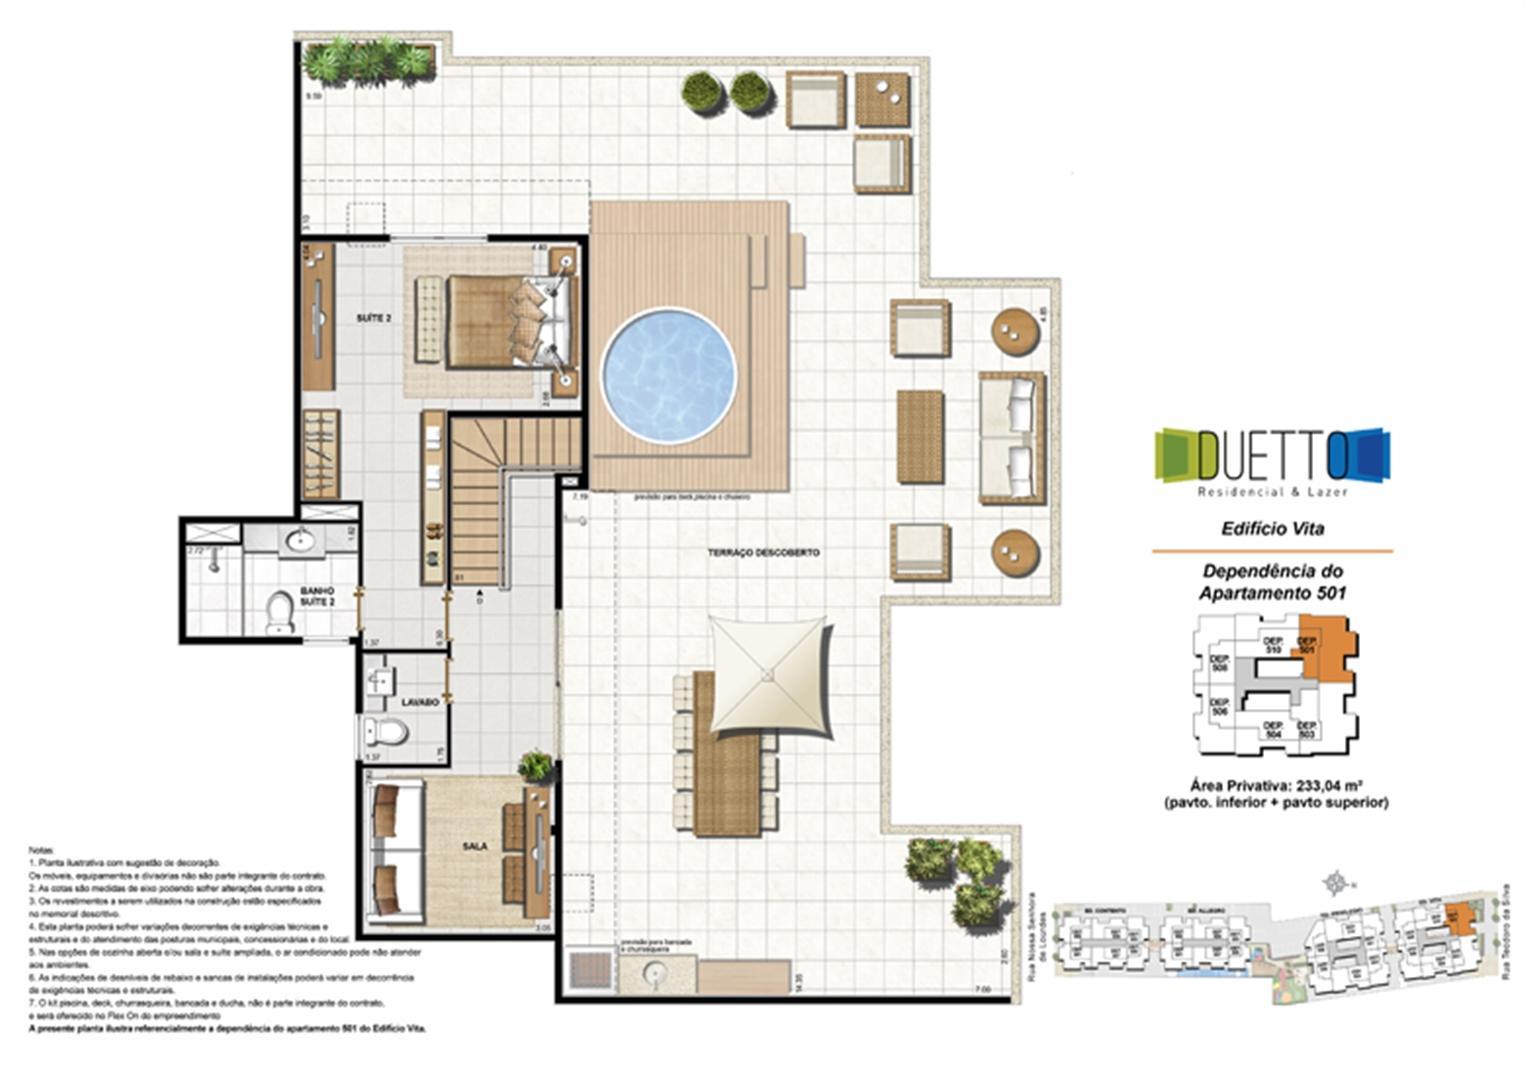 Cobertura Duplex - 3 Quartos com suíte - 233,04m² -pavto inferior+ pavto superior (2) | Duetto Residencial & Lazer – Apartamento no  Grajaú - Rio de Janeiro - Rio de Janeiro